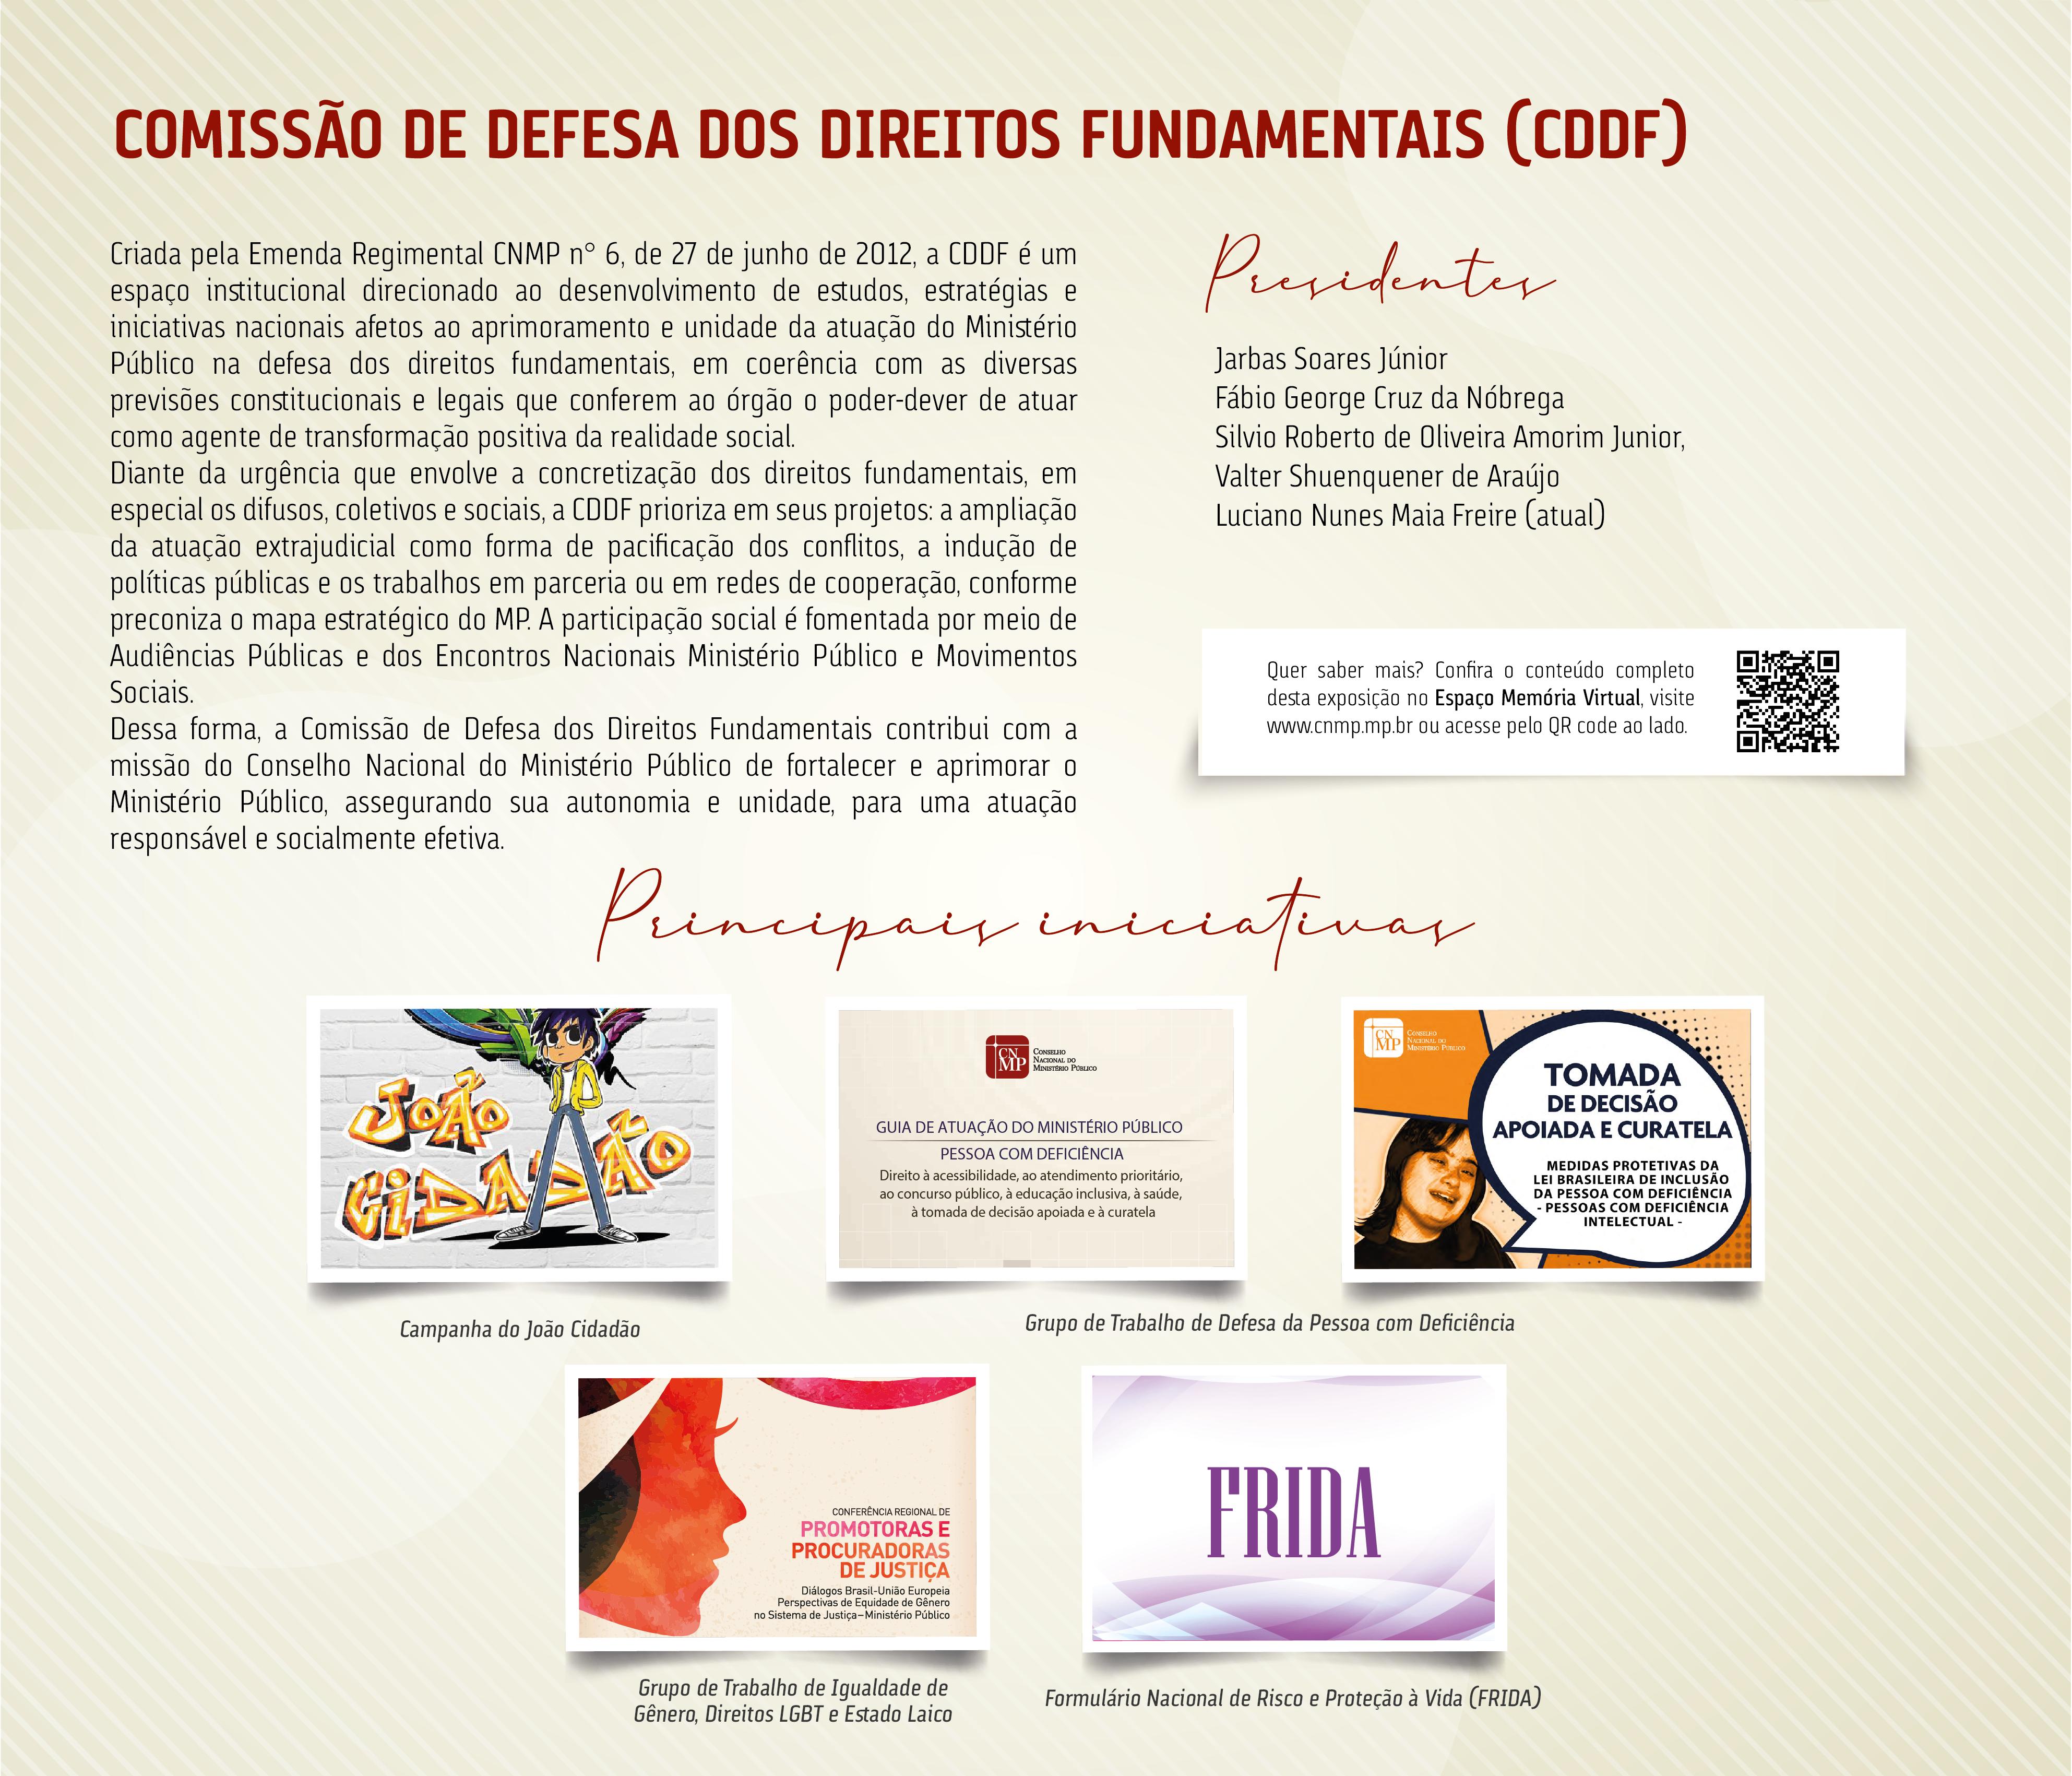 6.1 CDDF 01